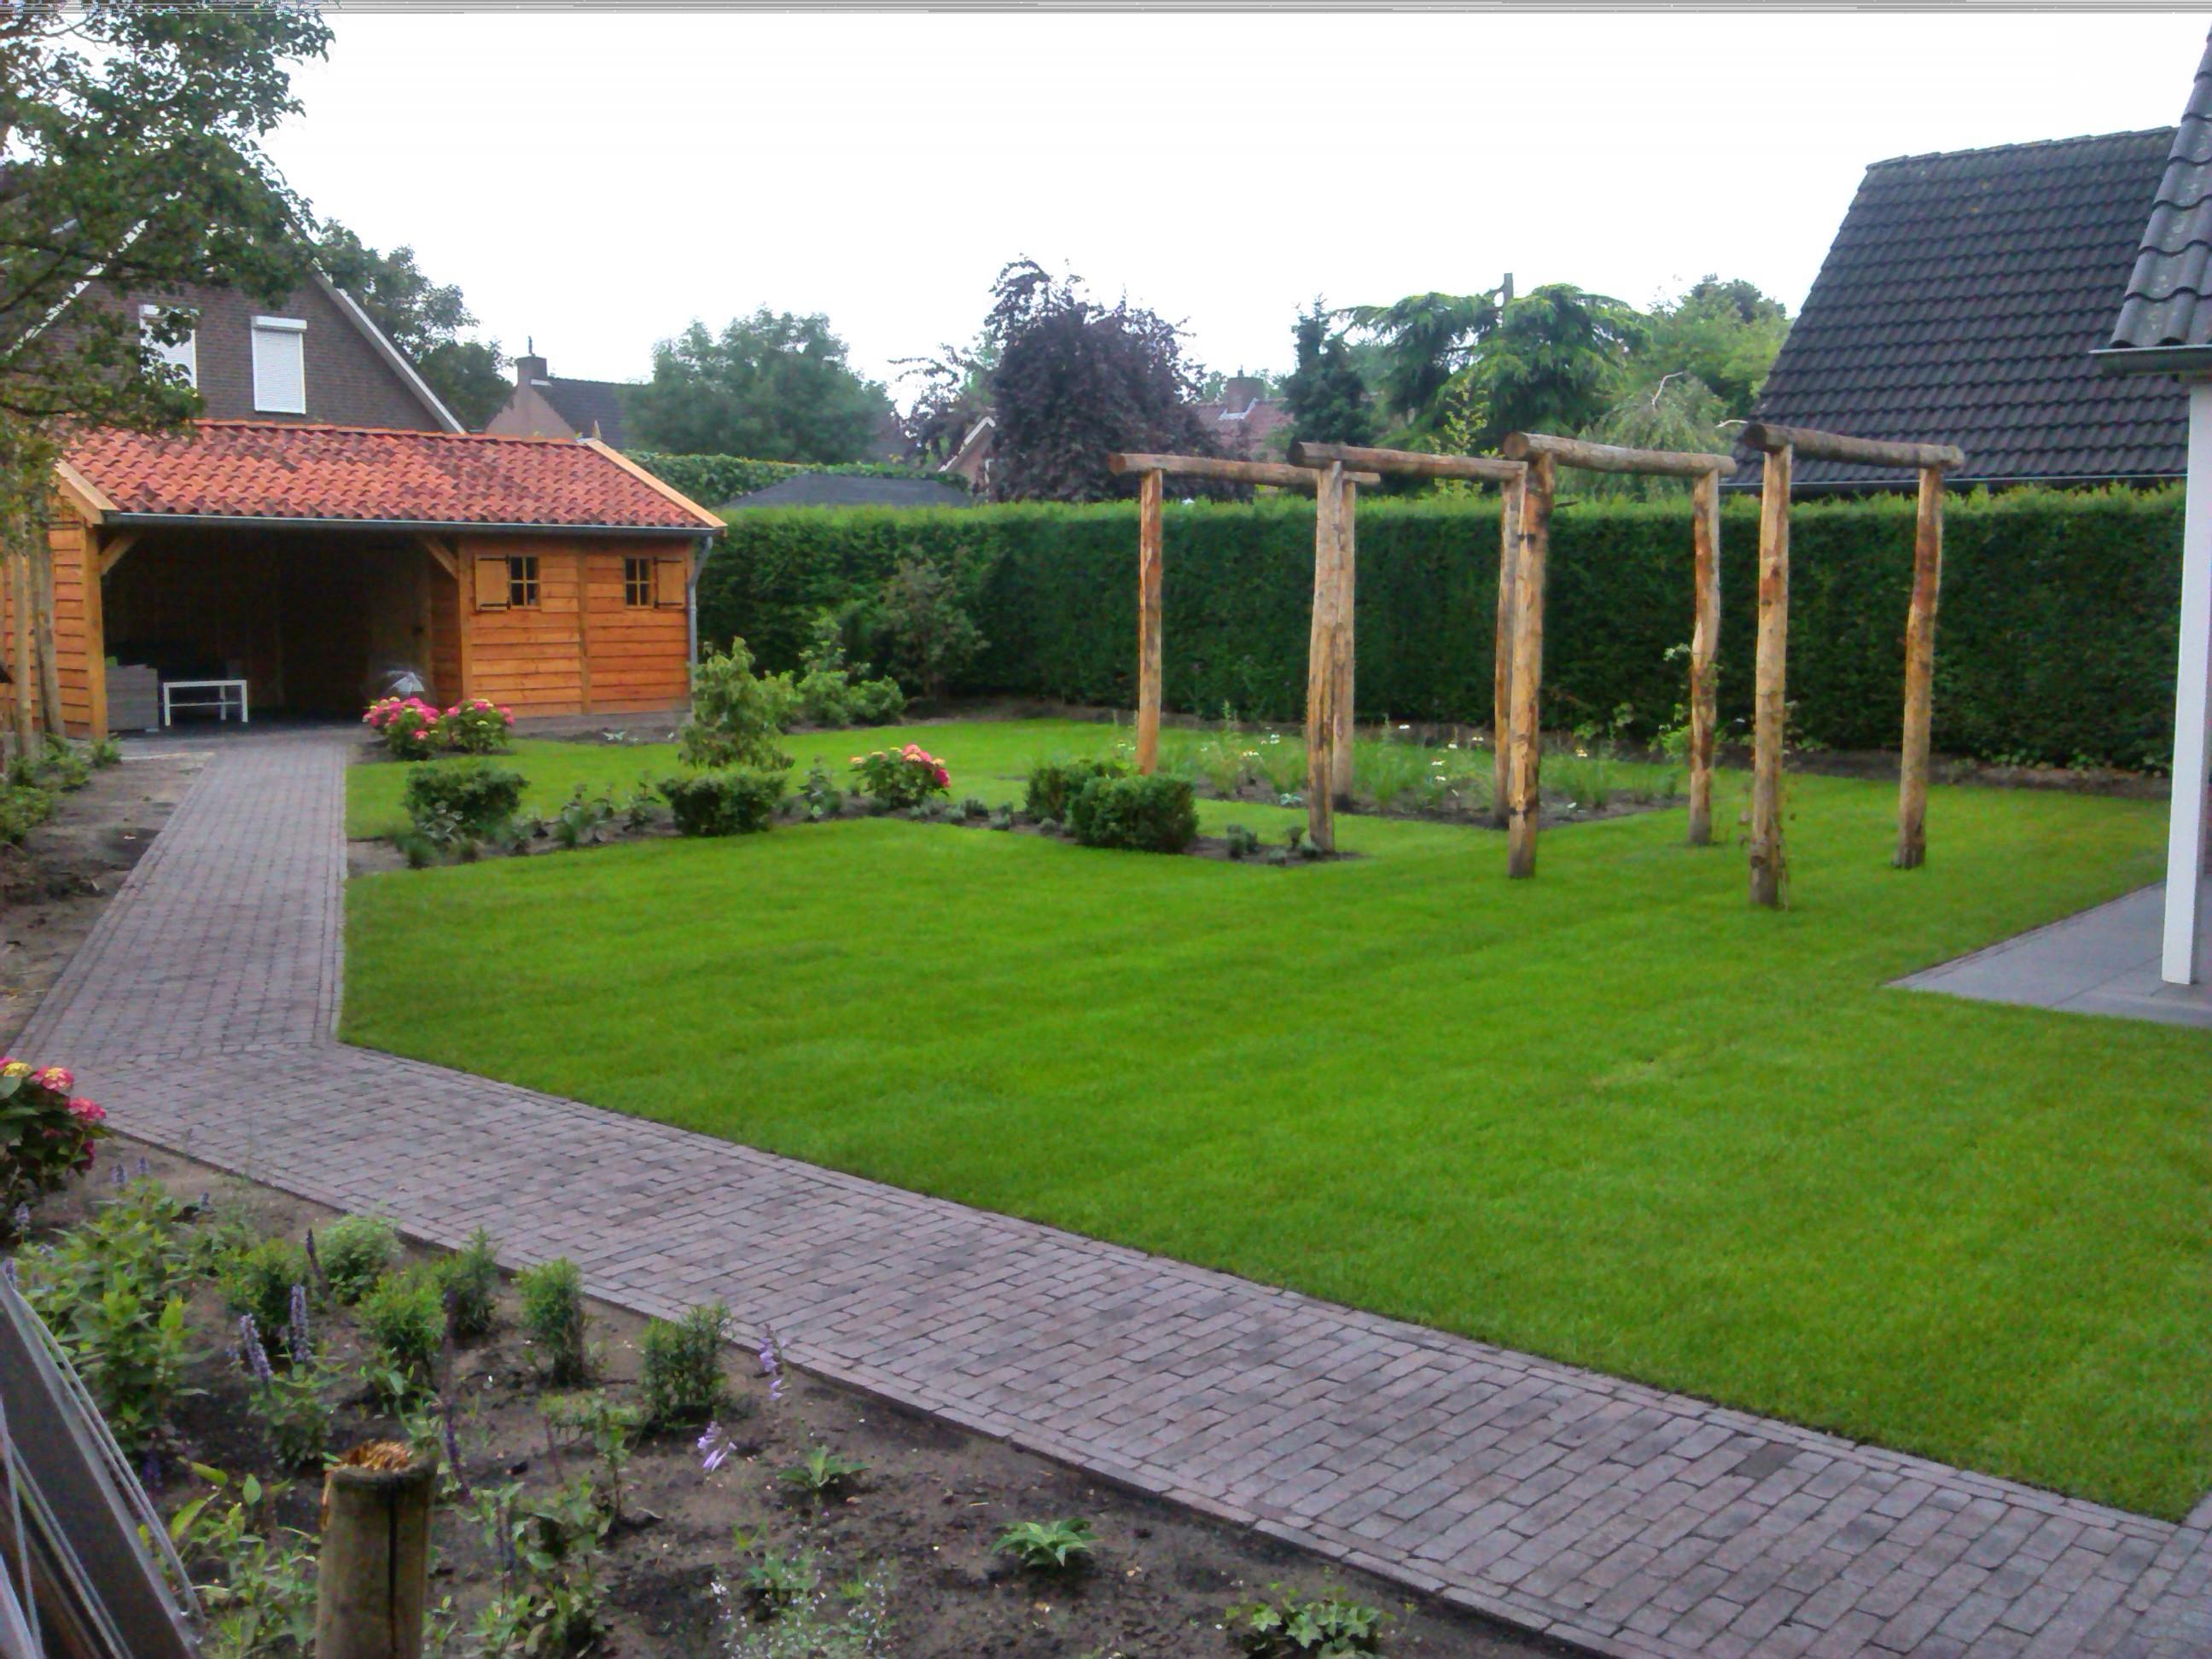 landelijke_tuinhuis_met_veranda - Foto impressie eikenhouten bijgebouw opgeleverd in Limburg (NL).